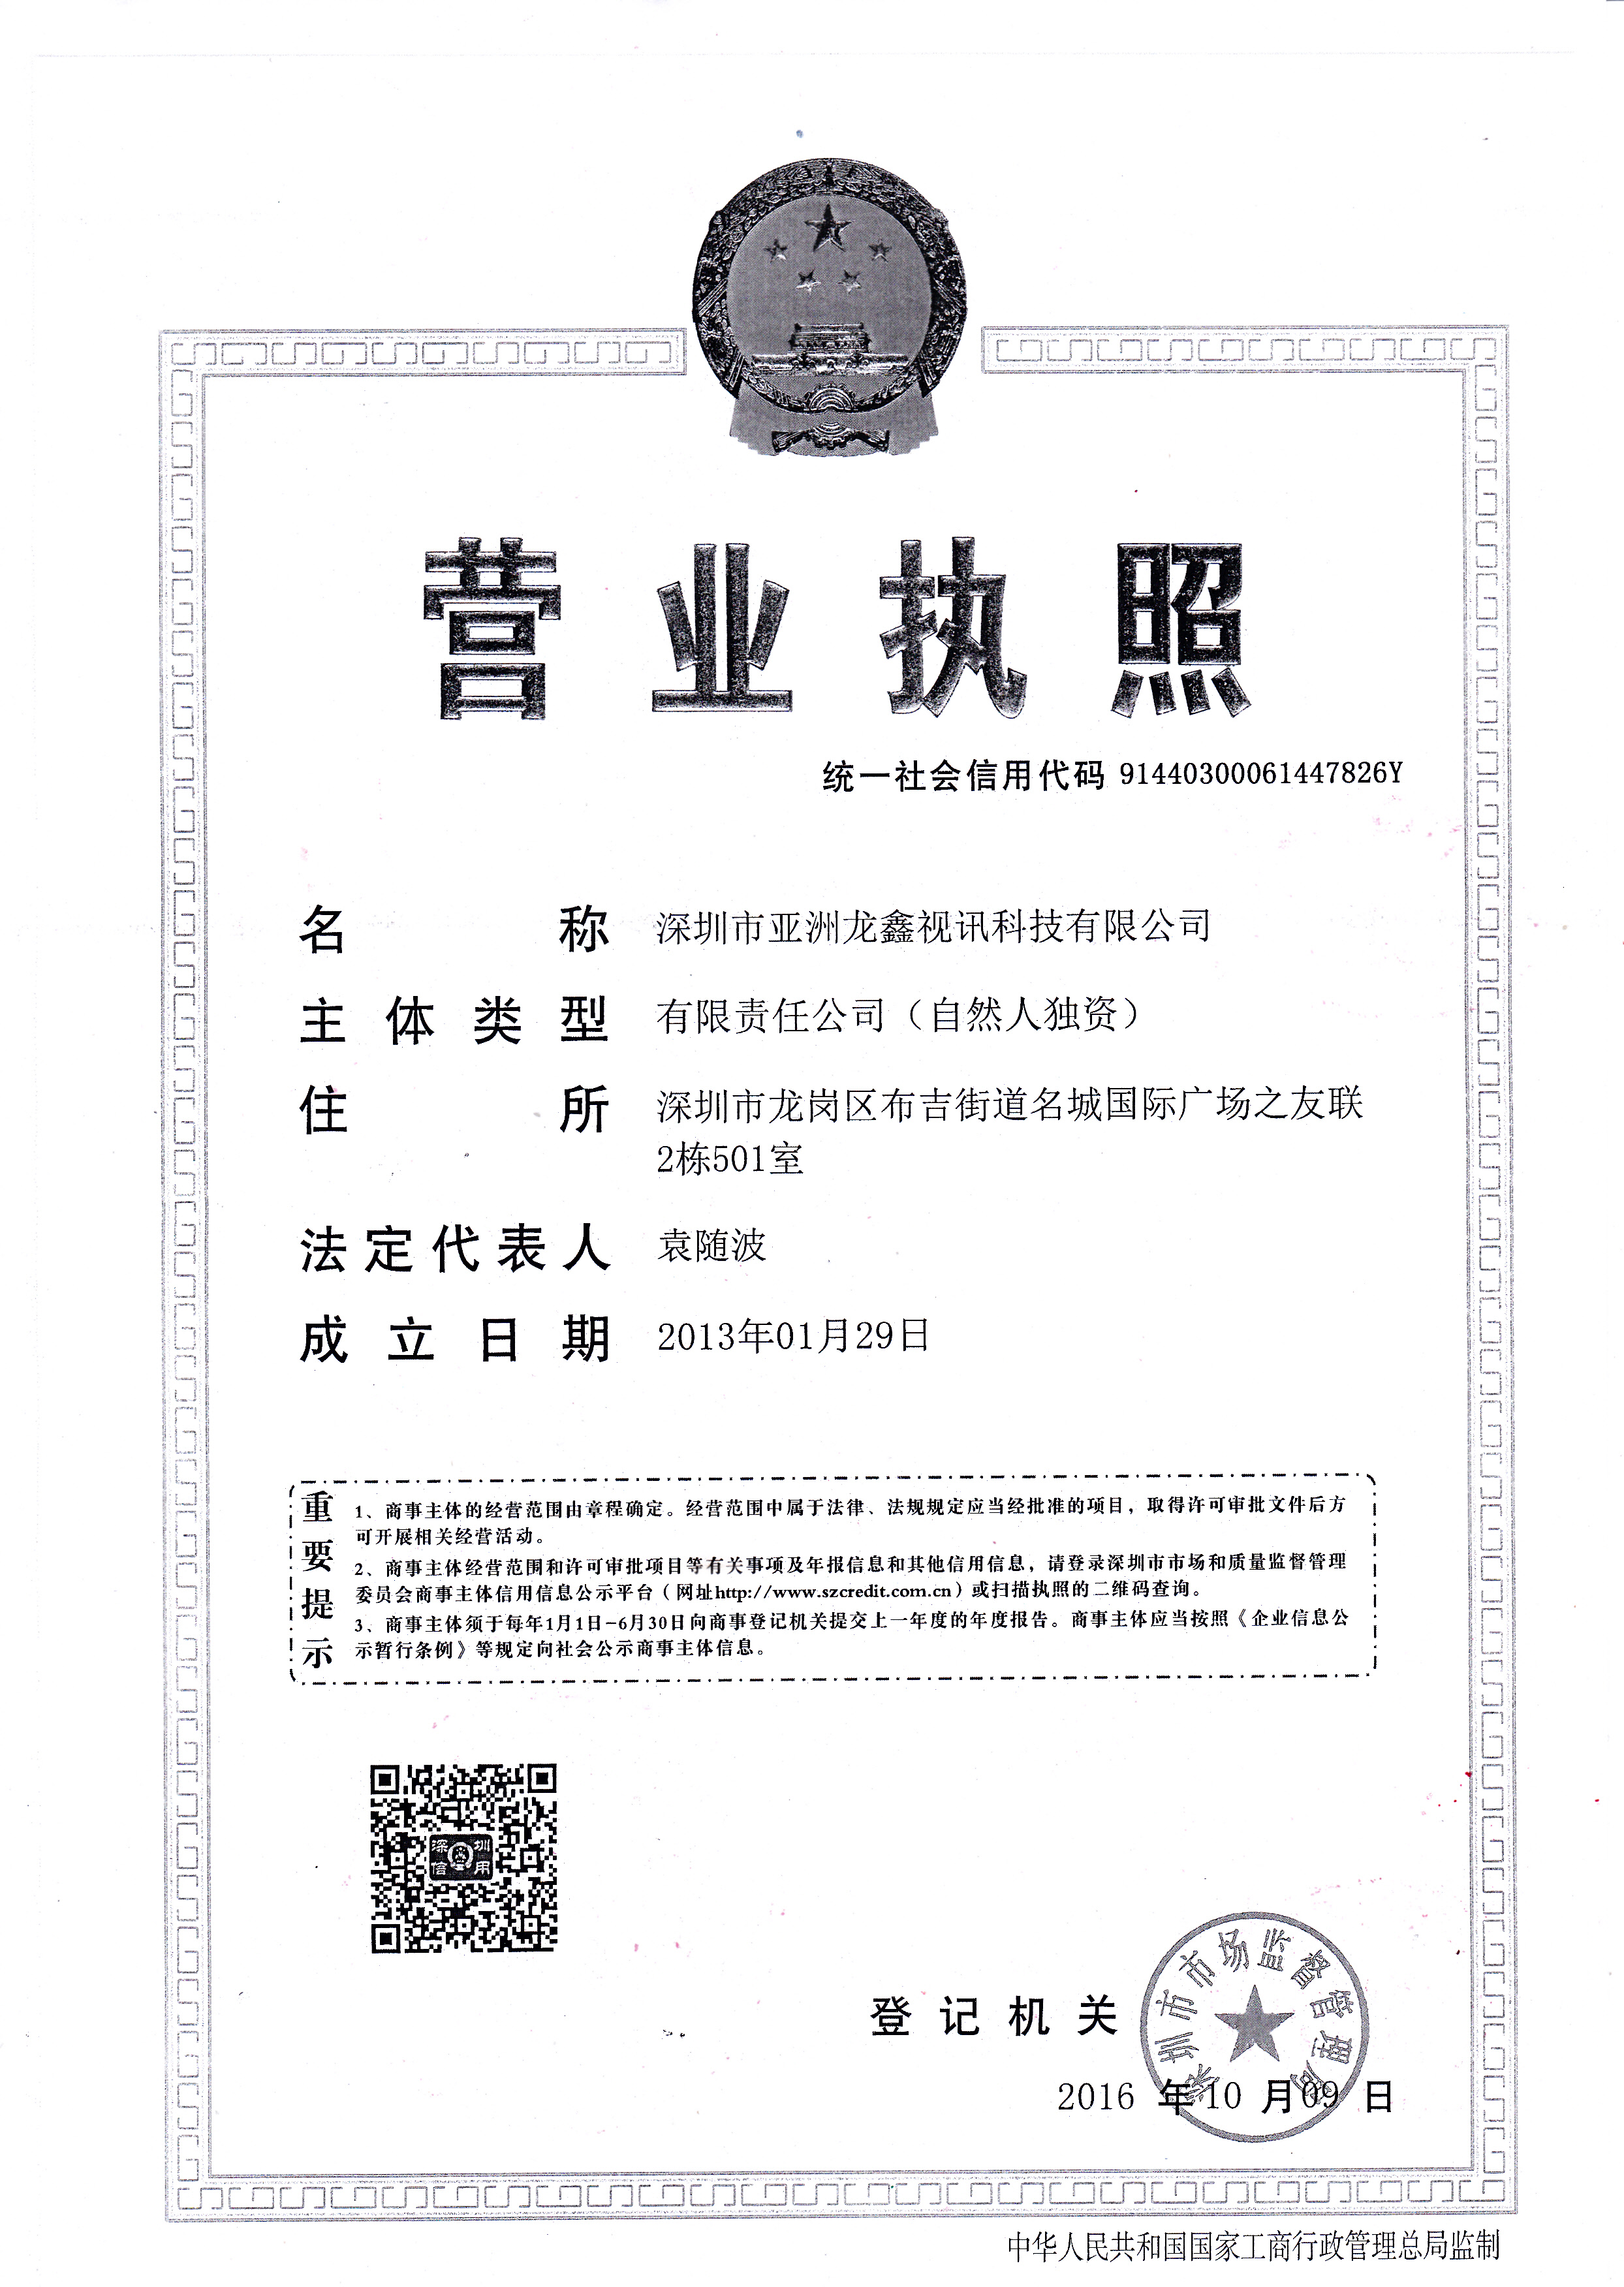 亚洲全国第一缆注码法解释视讯科技-营业执照1